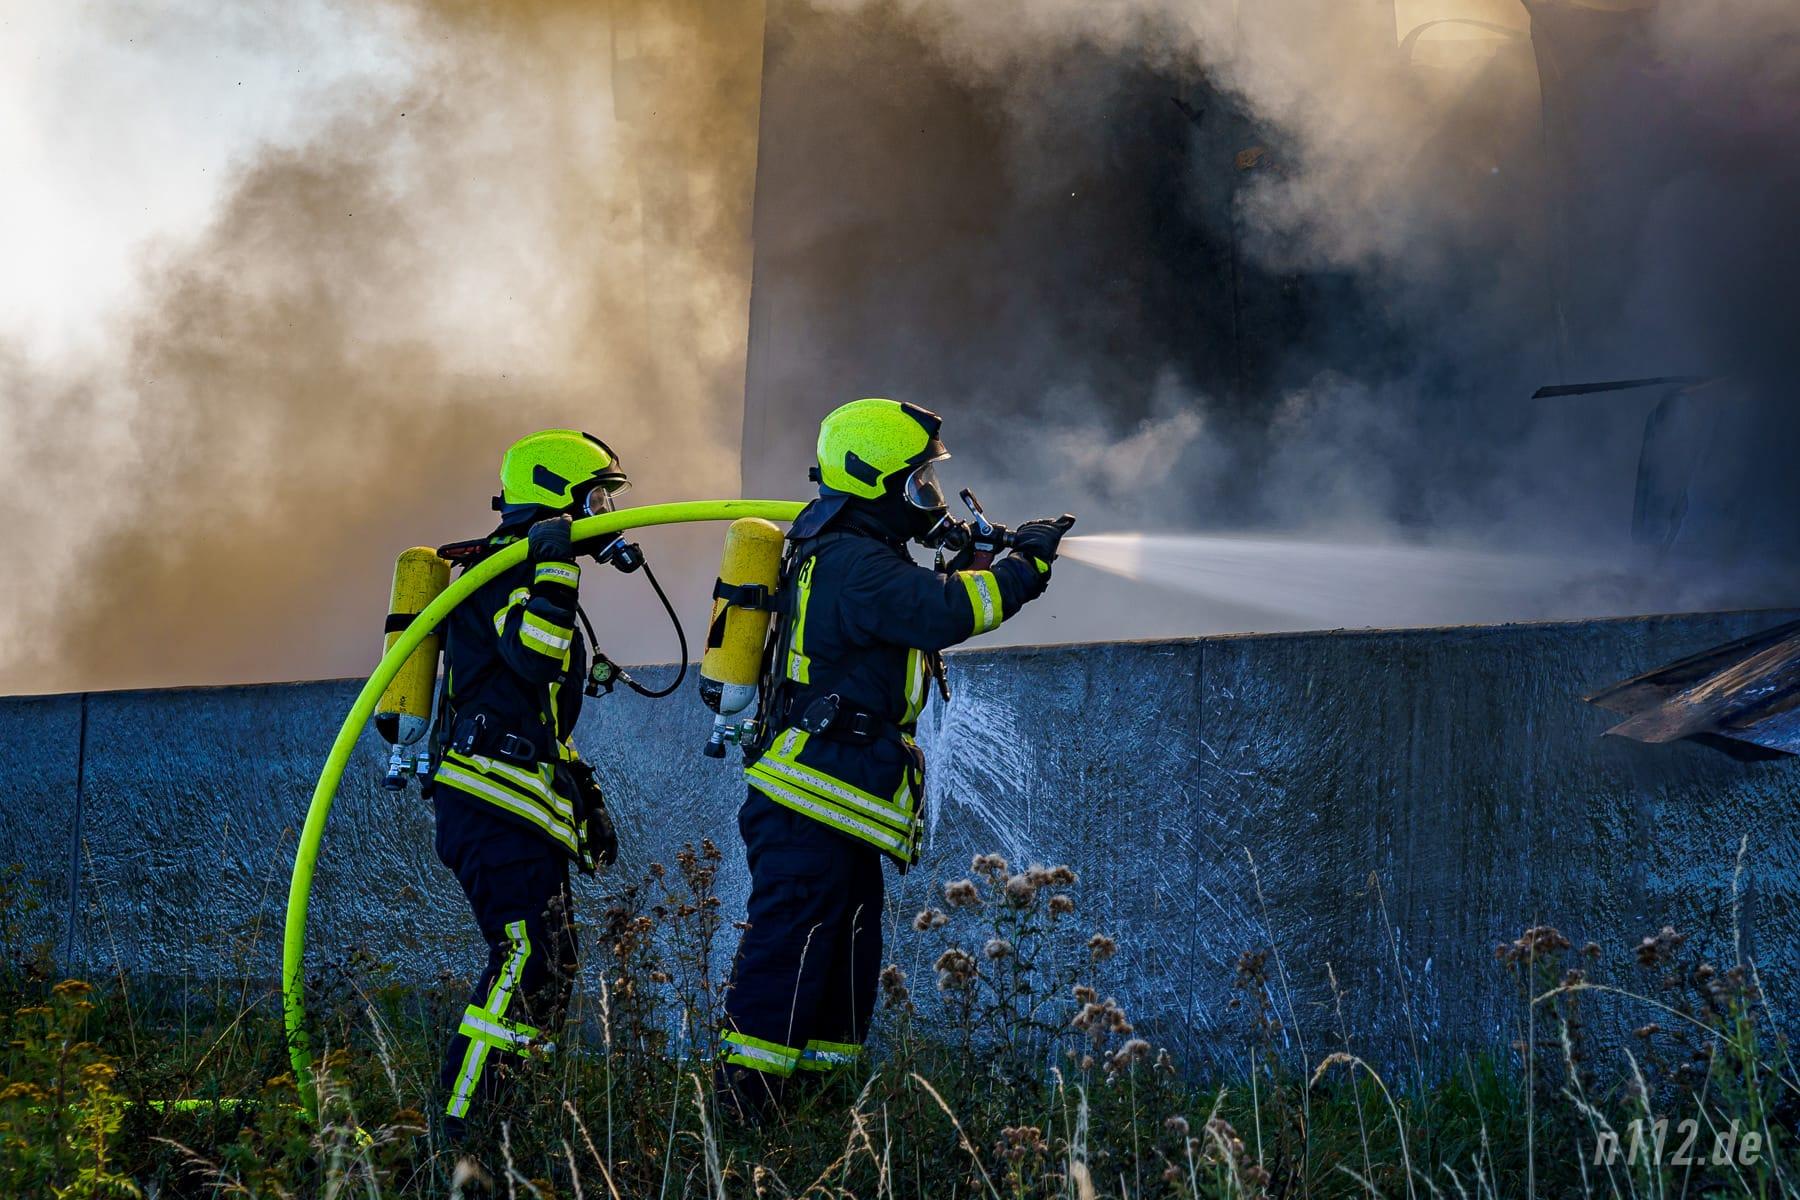 Löschangriff unter Atemschutz (Foto: n112.de/Stefan Simonsen)